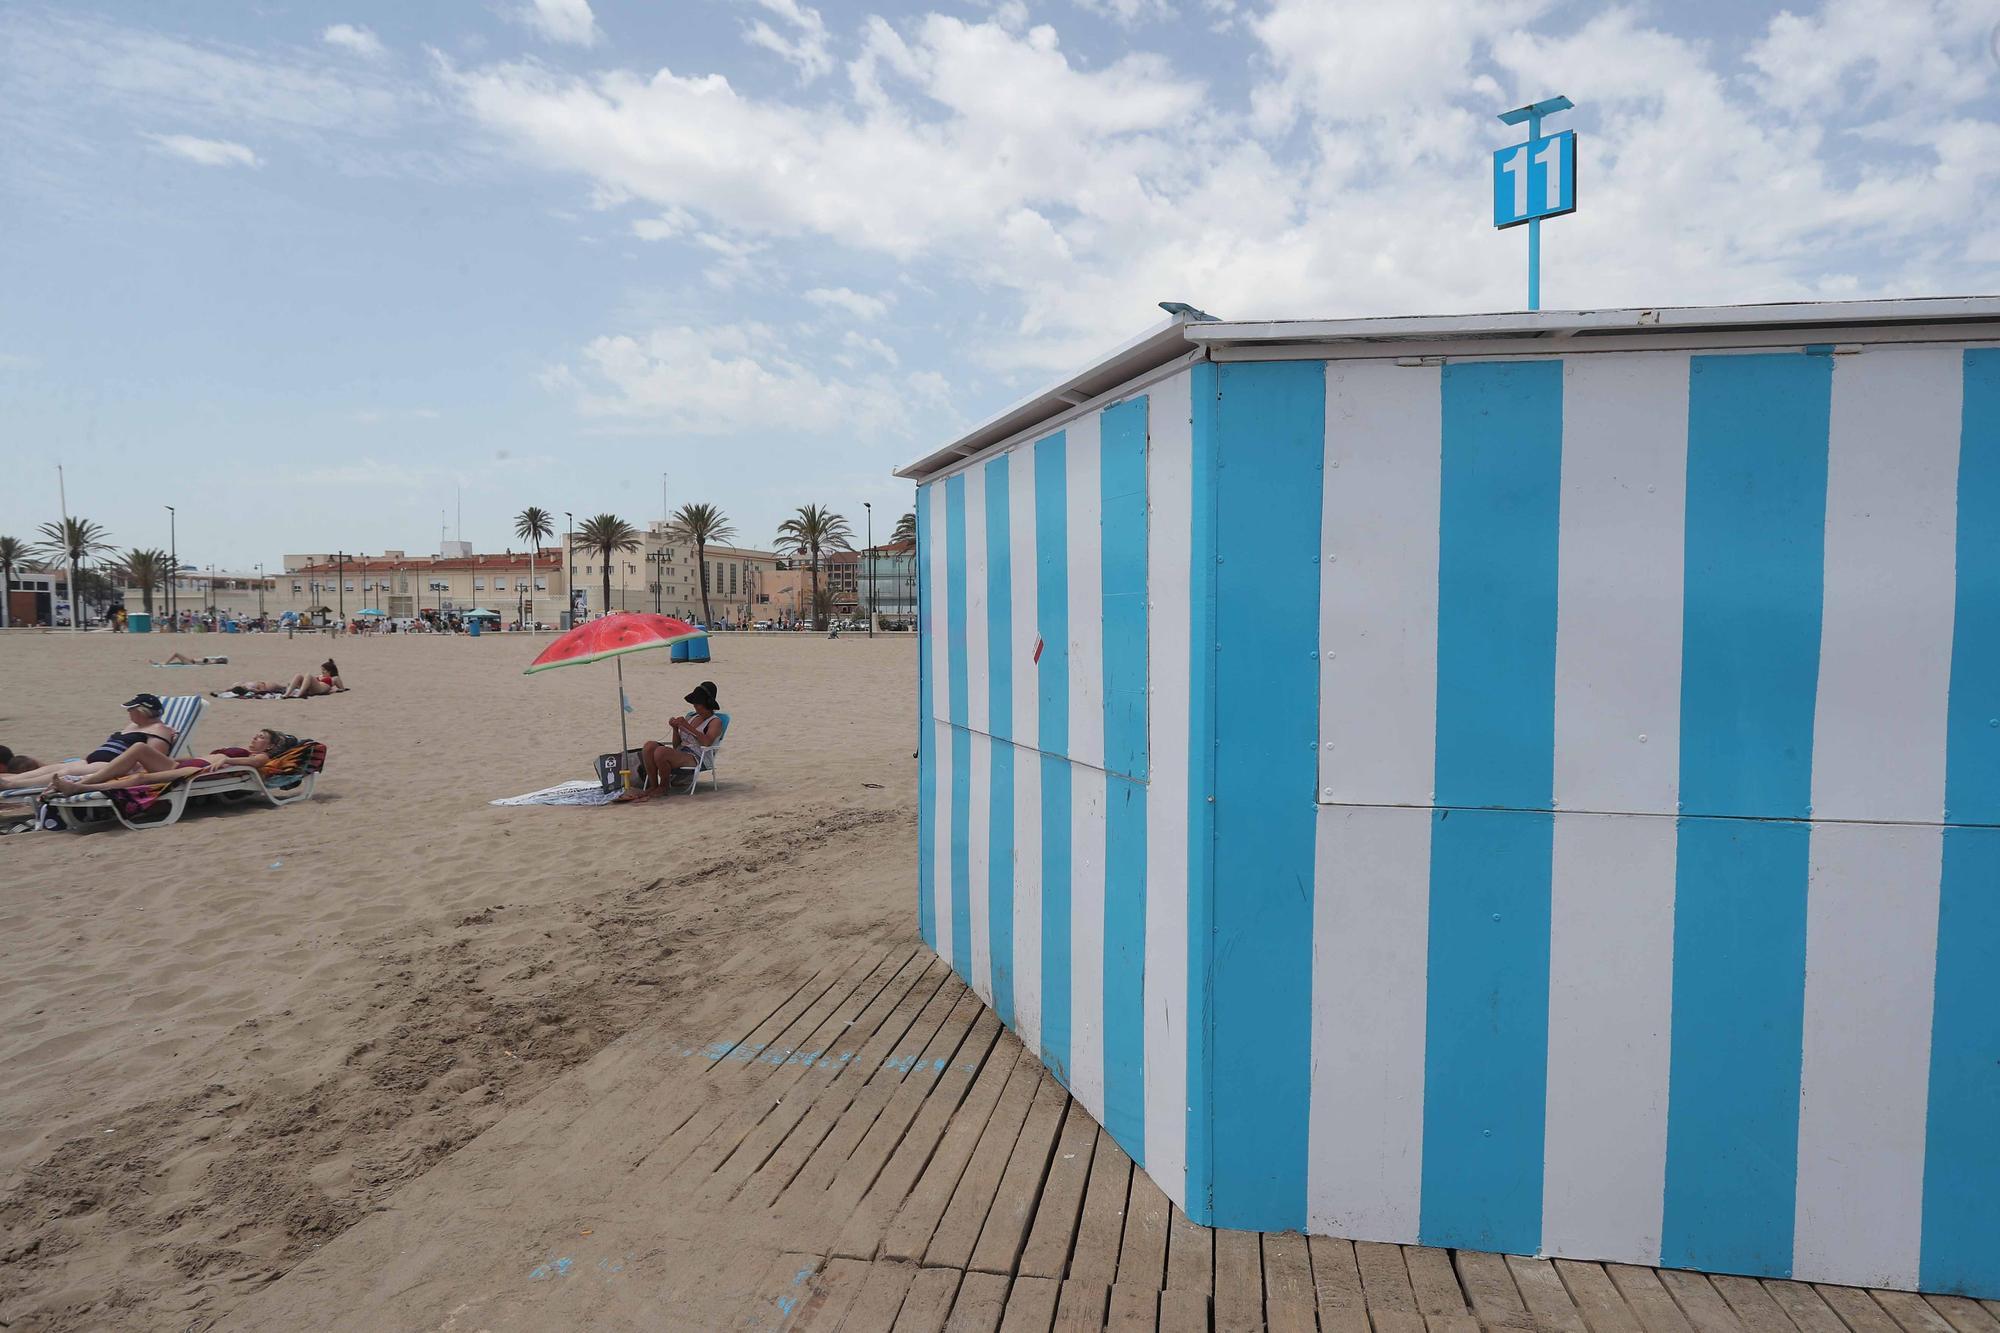 Así ha sido el acto vandálico en los chiringuitos de la playa de la Malva-rosa